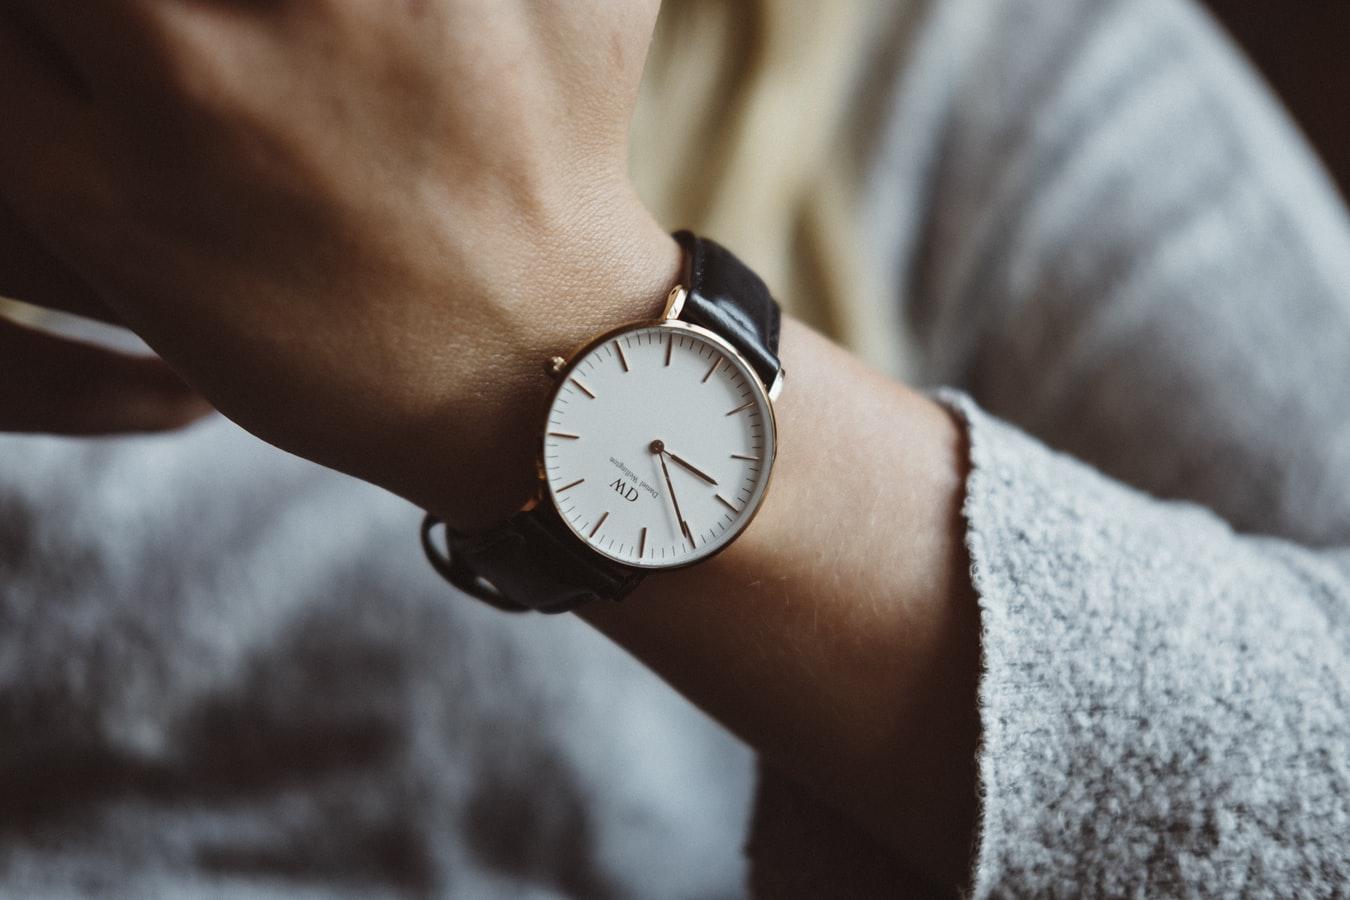 juli ob damer - Nyt ur? Find din favorit i dag